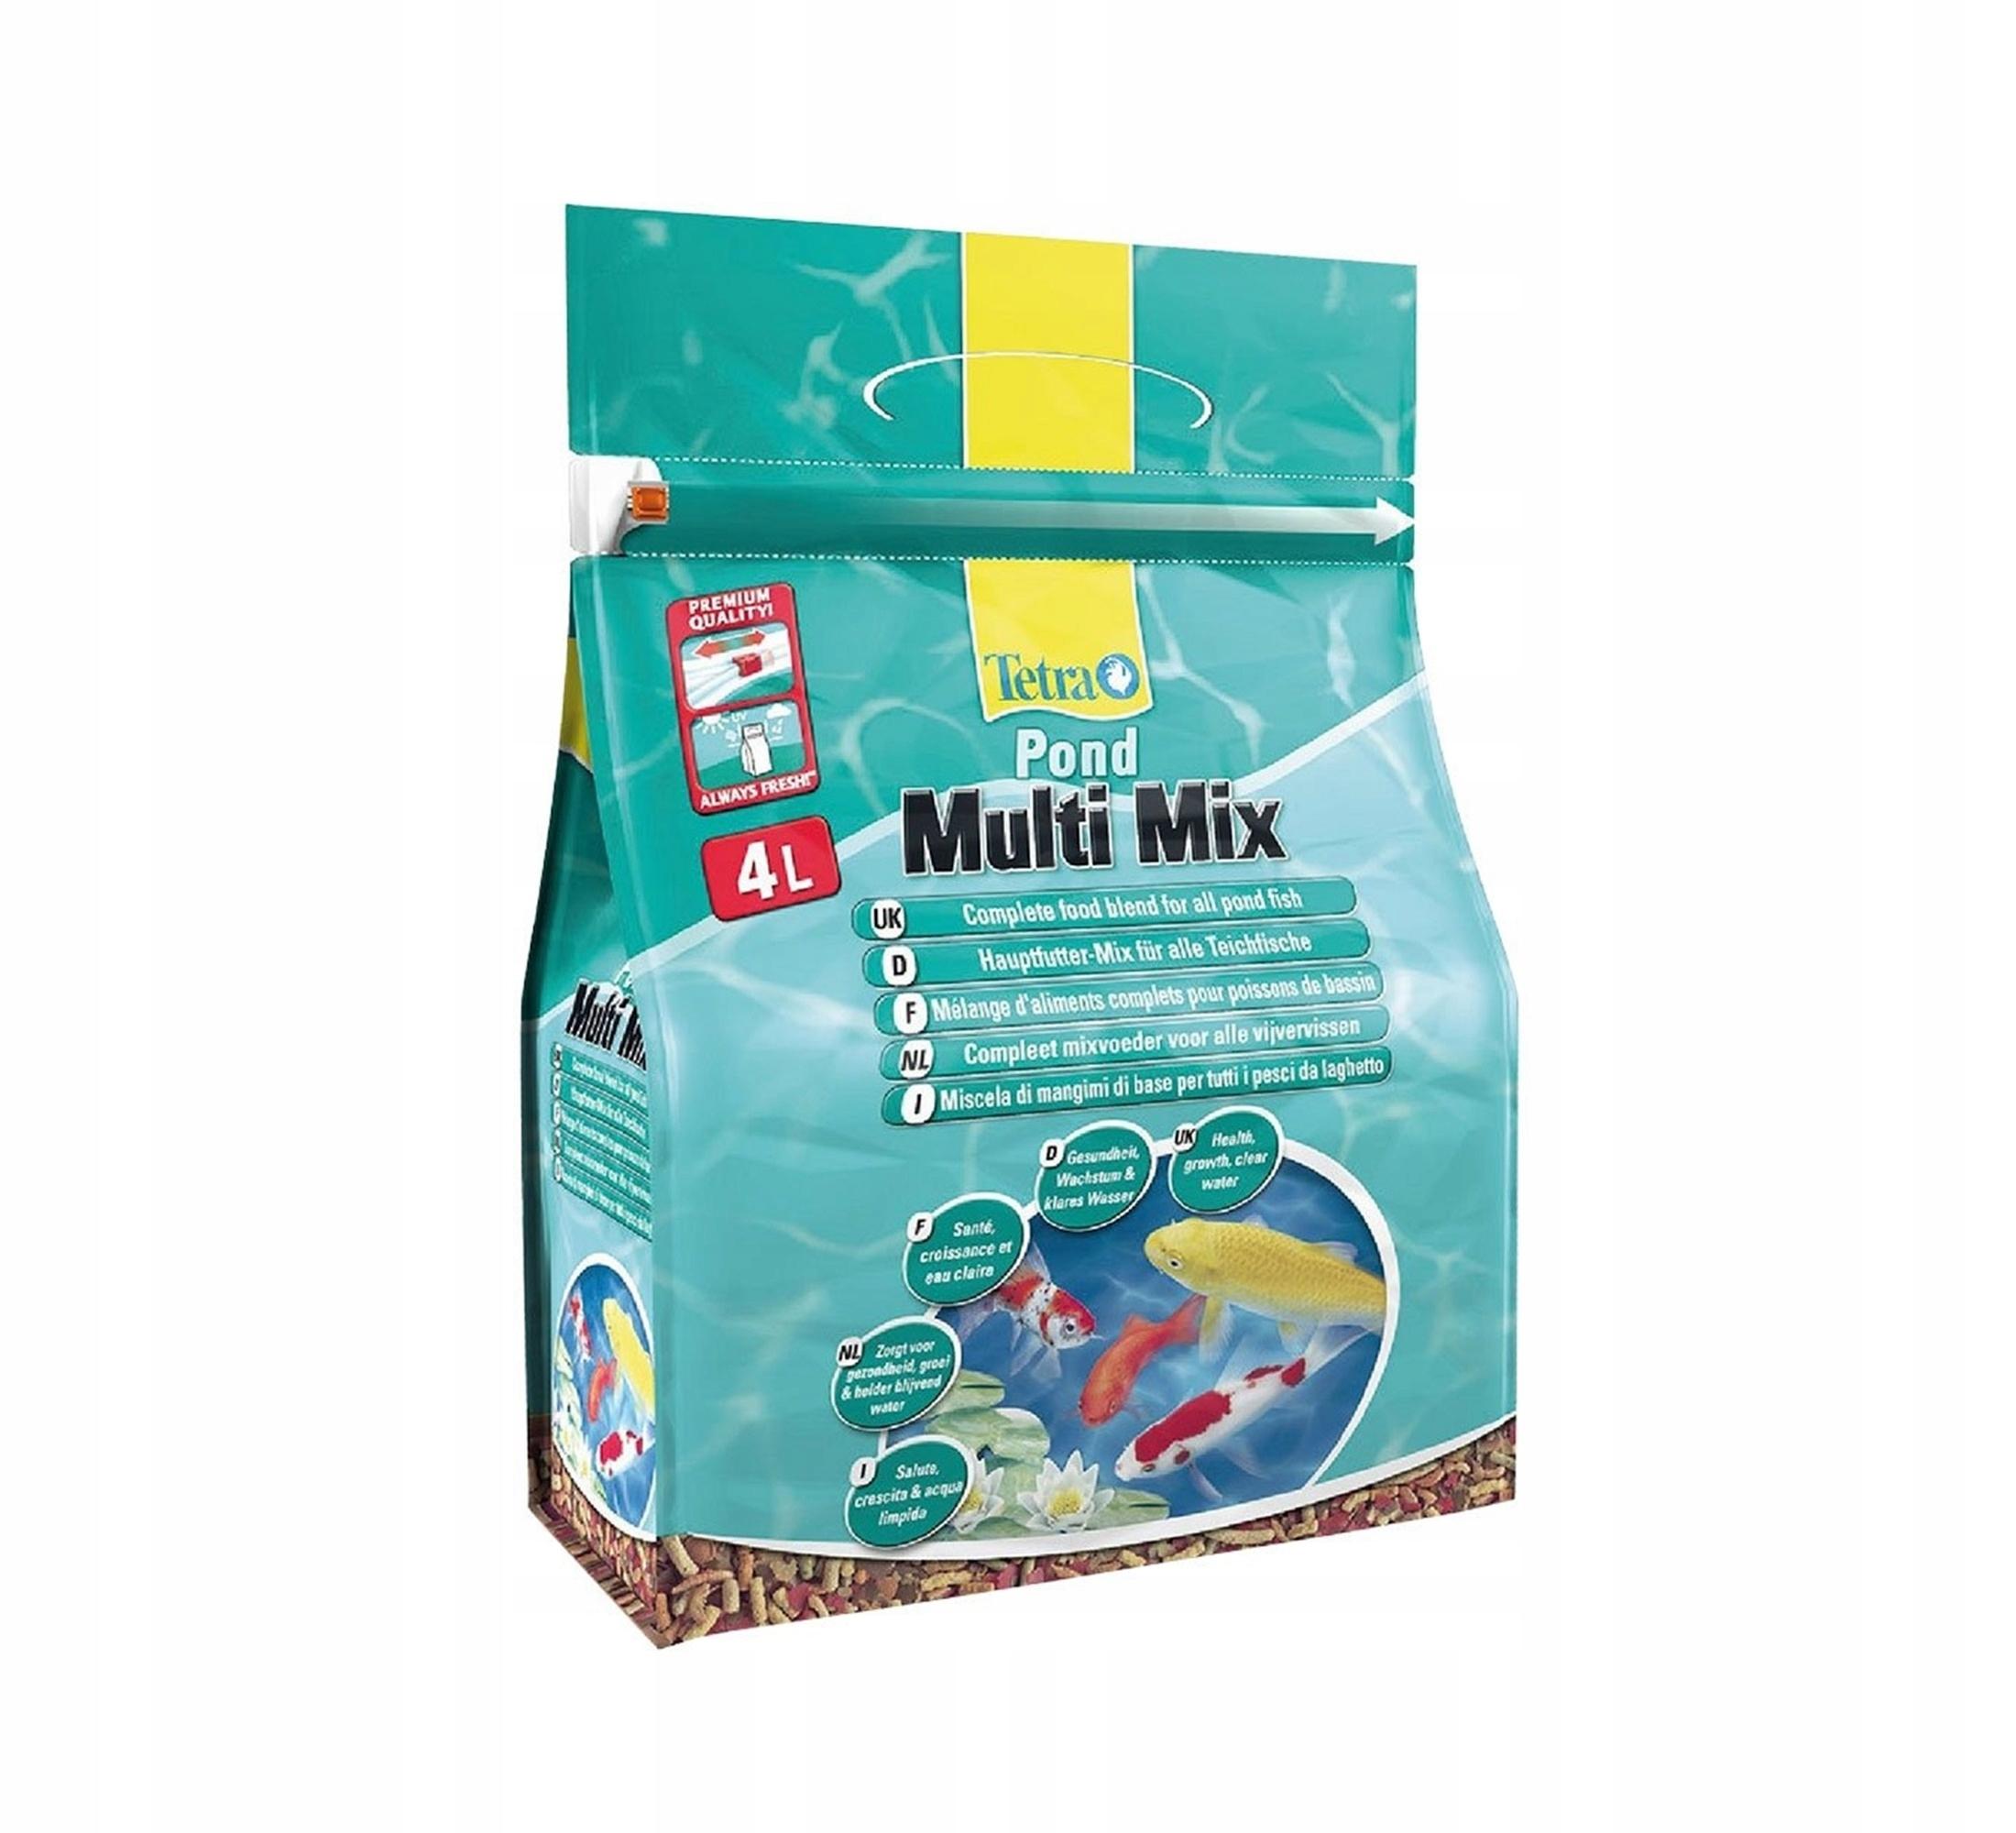 TETRA Pond Multi Mix 4L. - mieszanka pokarmów